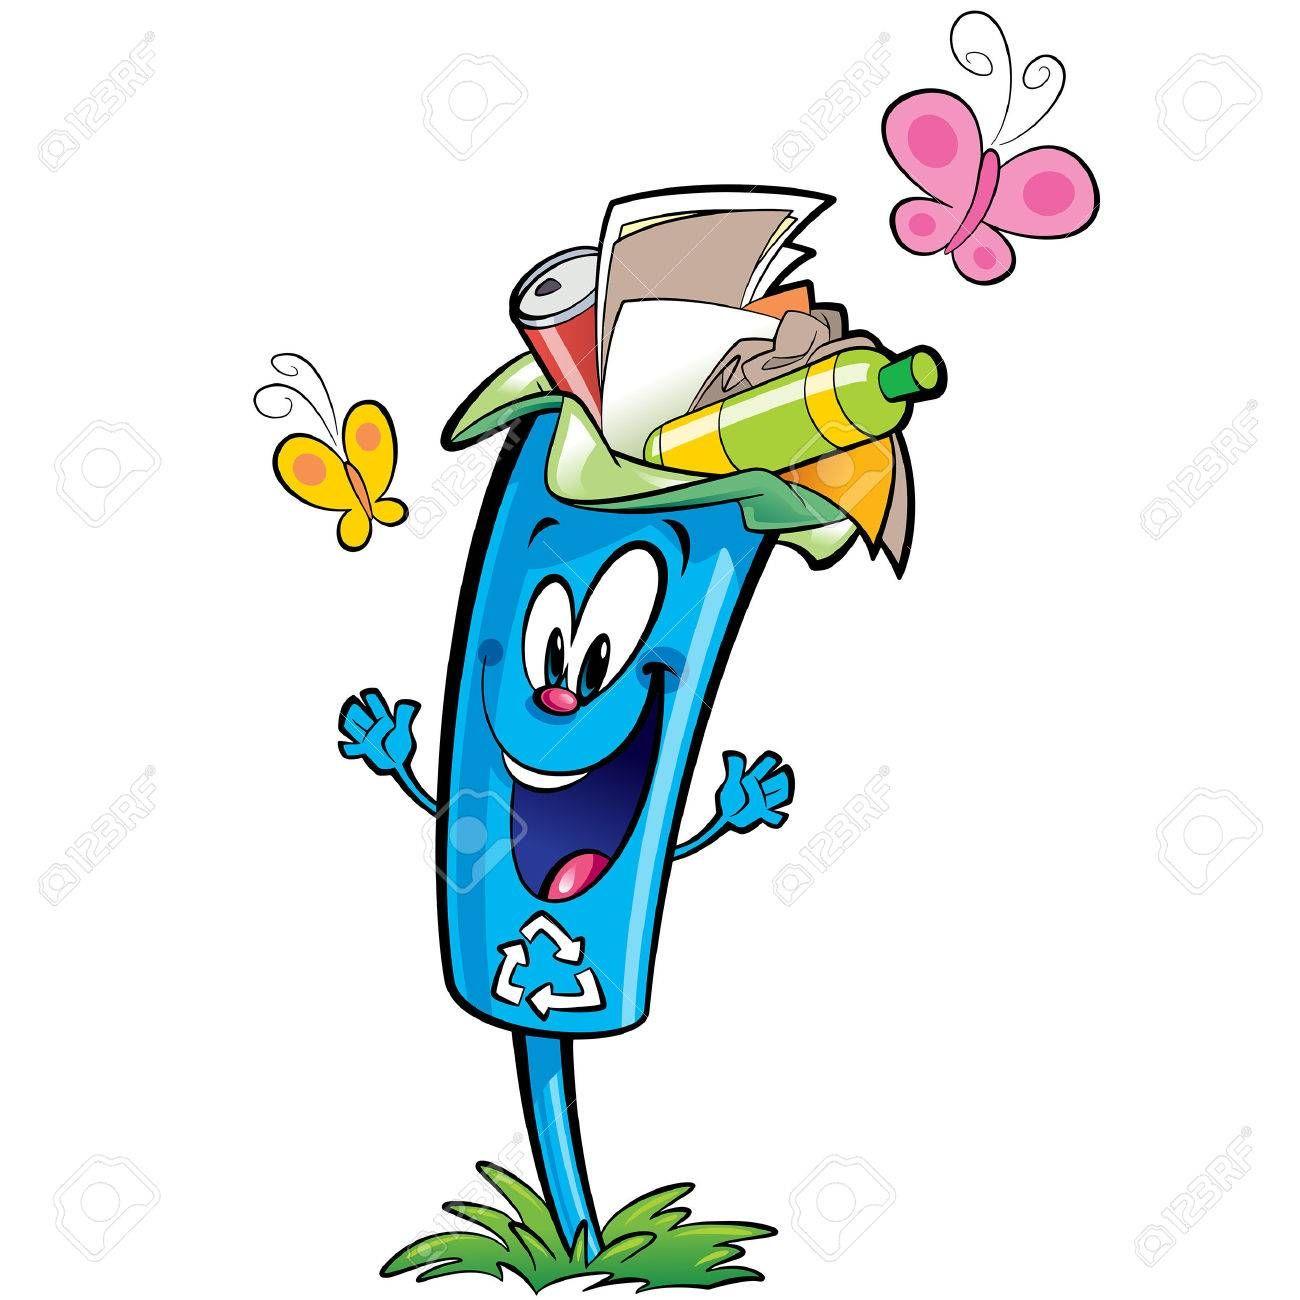 Feliz De Dibujos Animados De Reciclaje Sonriente Personaje Cubo De La Basura Reutilizacion Y Plastico Eciclaje Vidrio Y Papel Concepto De Basura En 2020 Dibujos Dibujos Animados Personajes